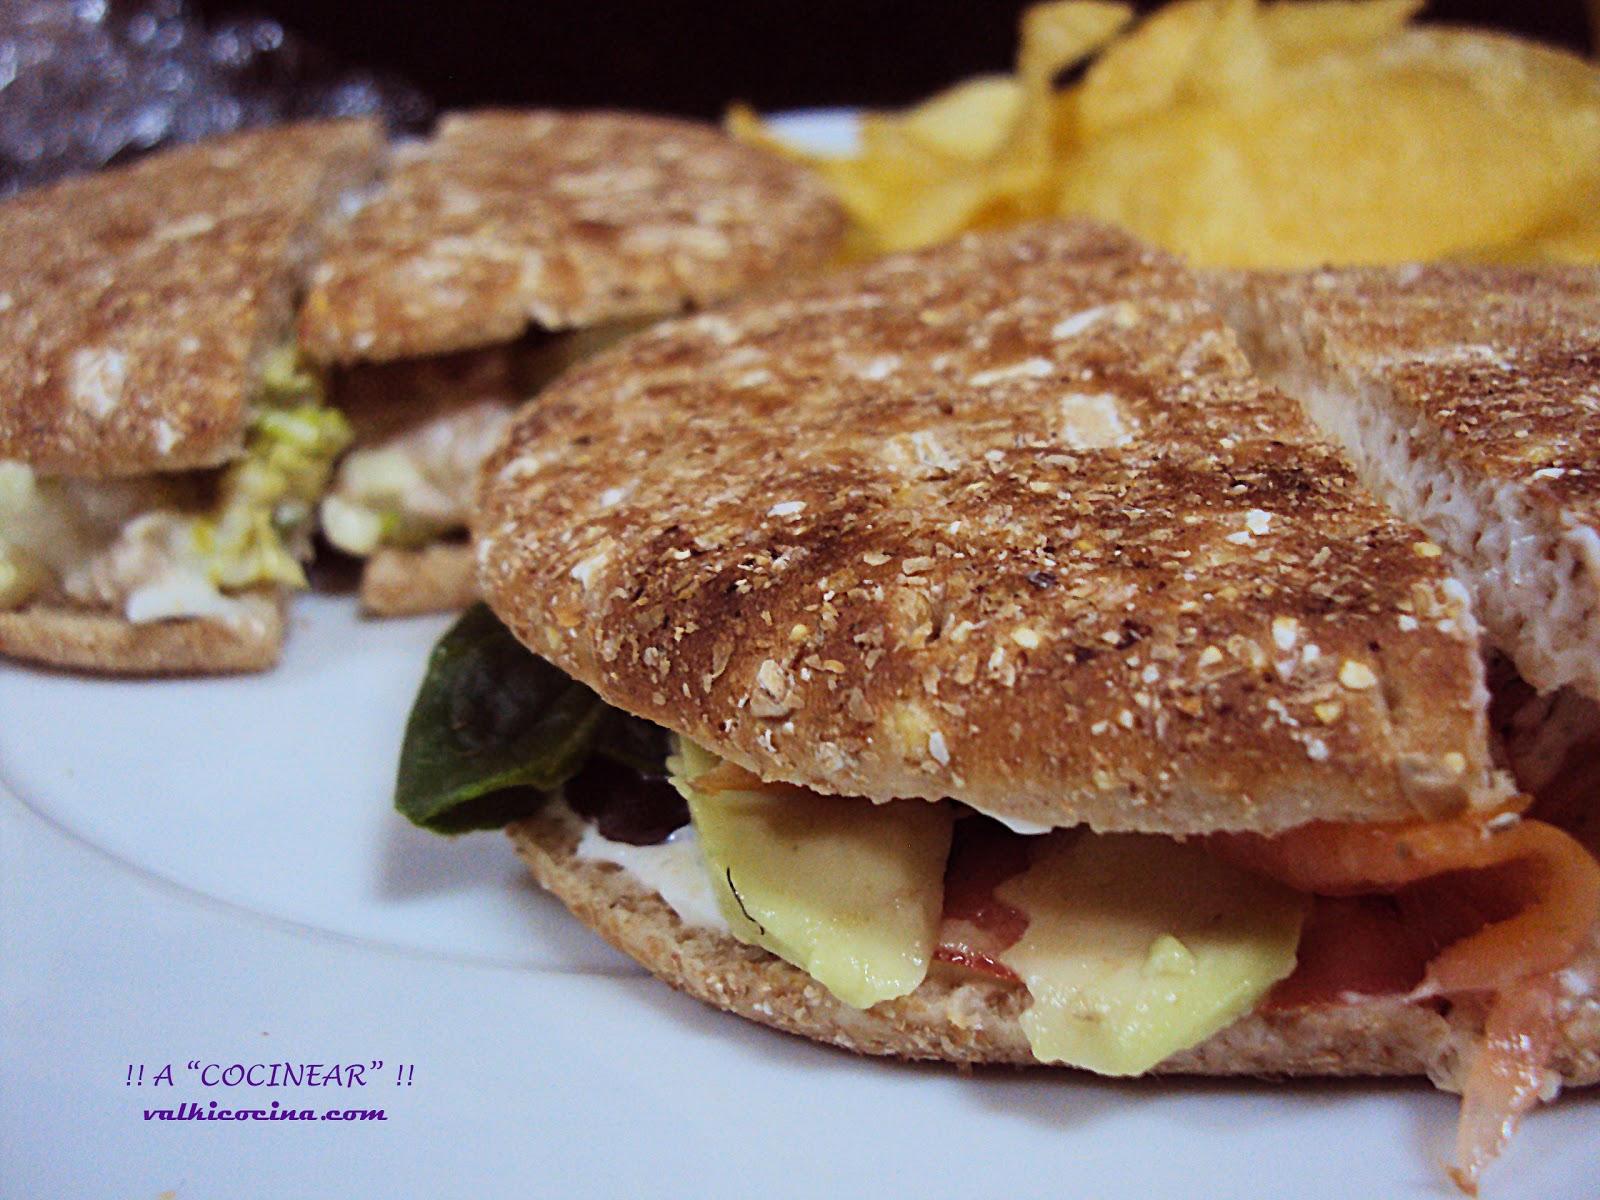 Sándwich de salmón con aguacate y crema de queso